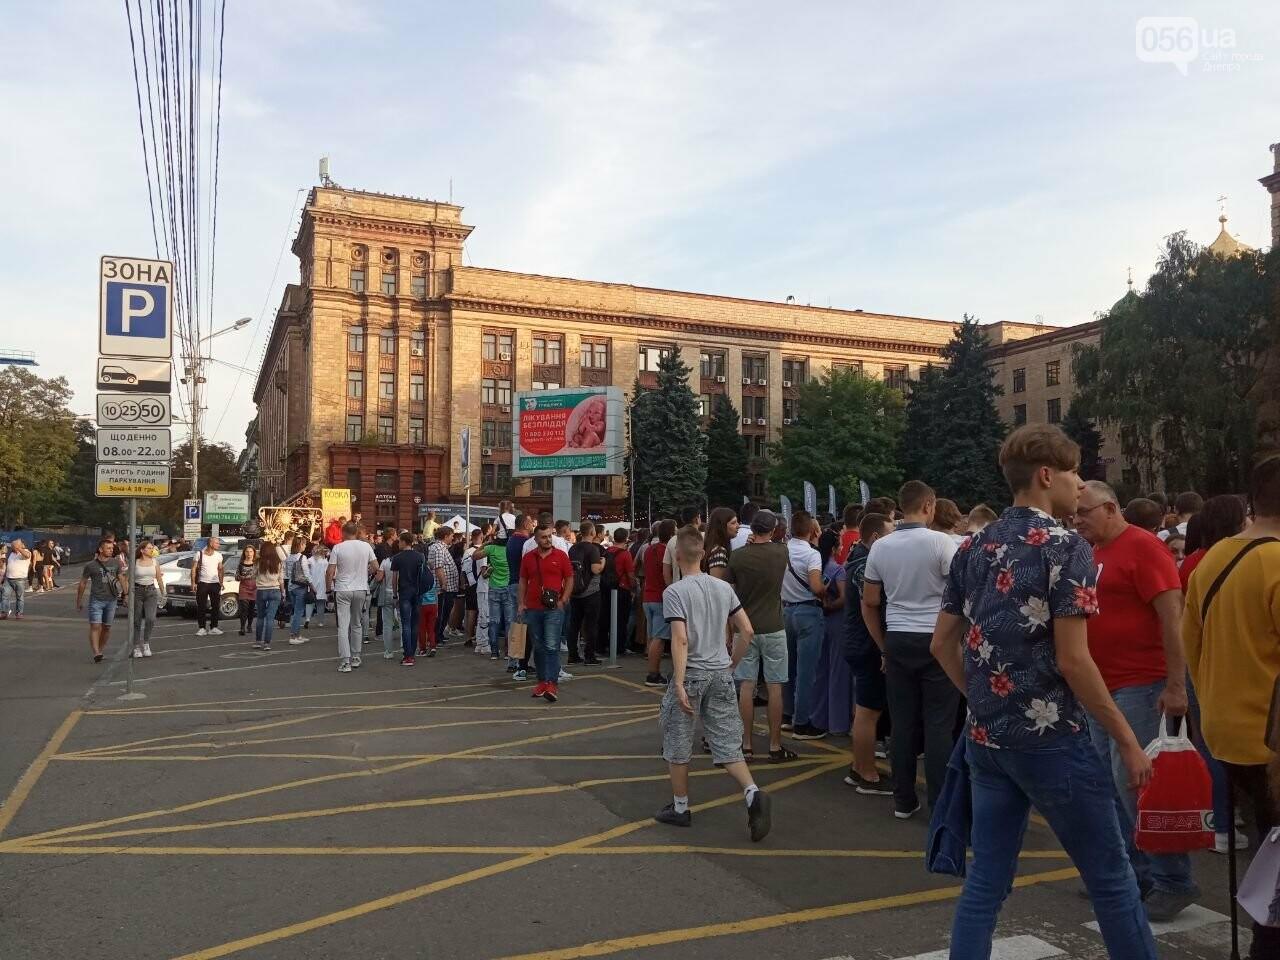 Дрифт в центре Киева спровоцировал скандал, а для Днепра стал шоу с жирными следами, - ФОТО, фото-5